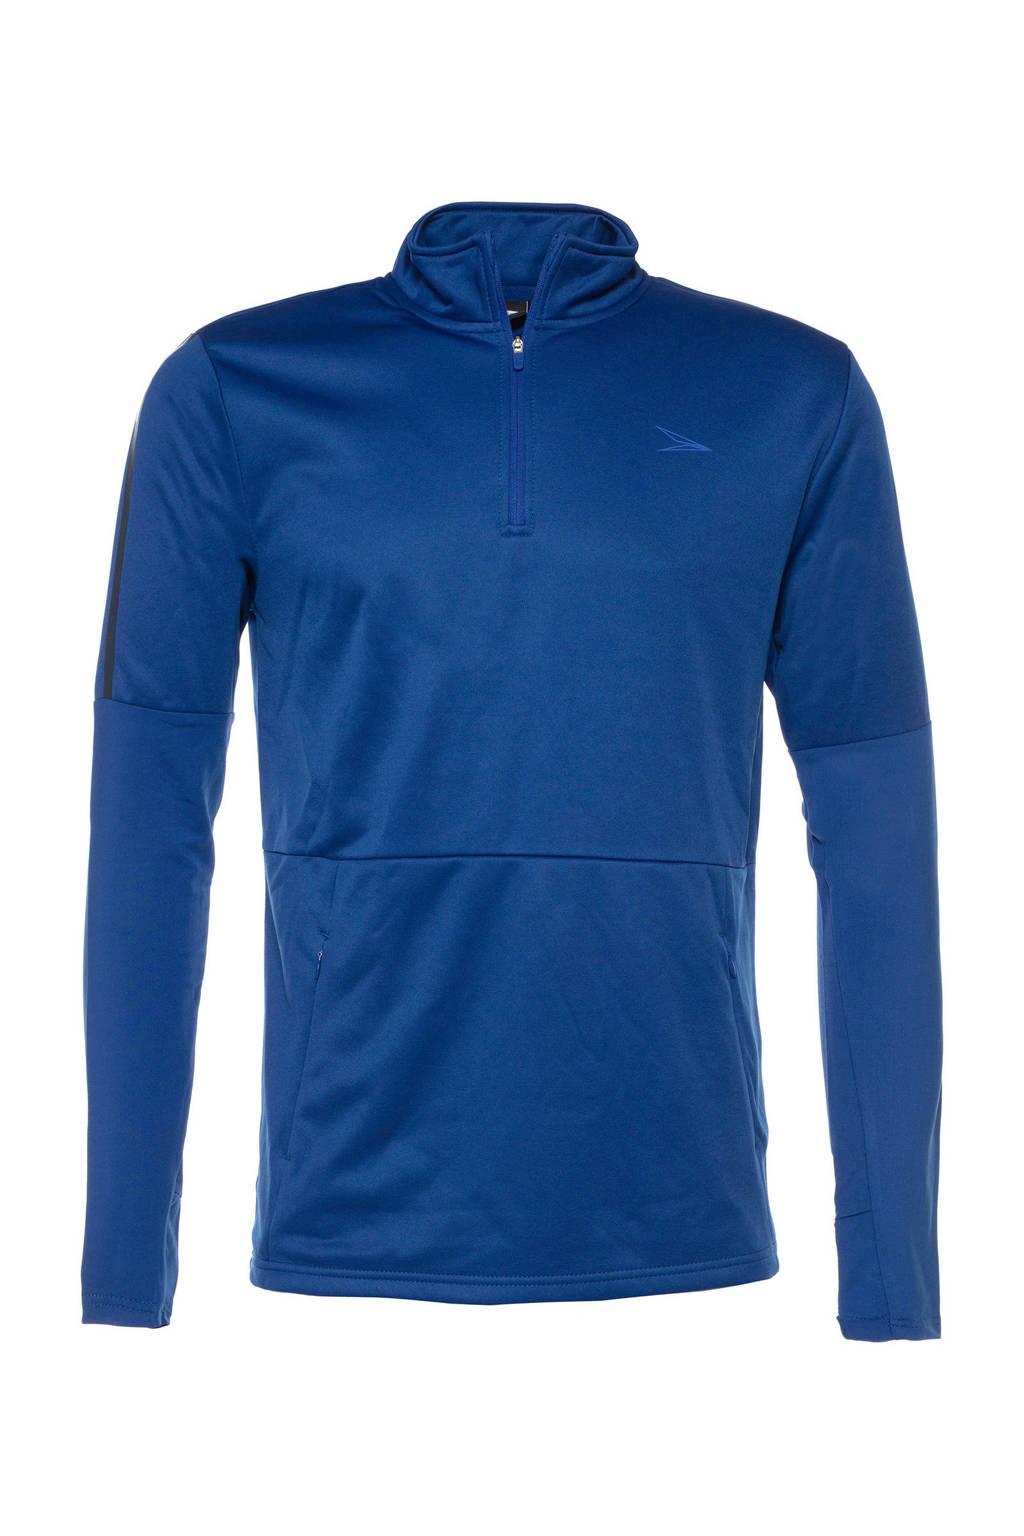 Scapino Dutchy   sport T-shirt blauw, Blauw